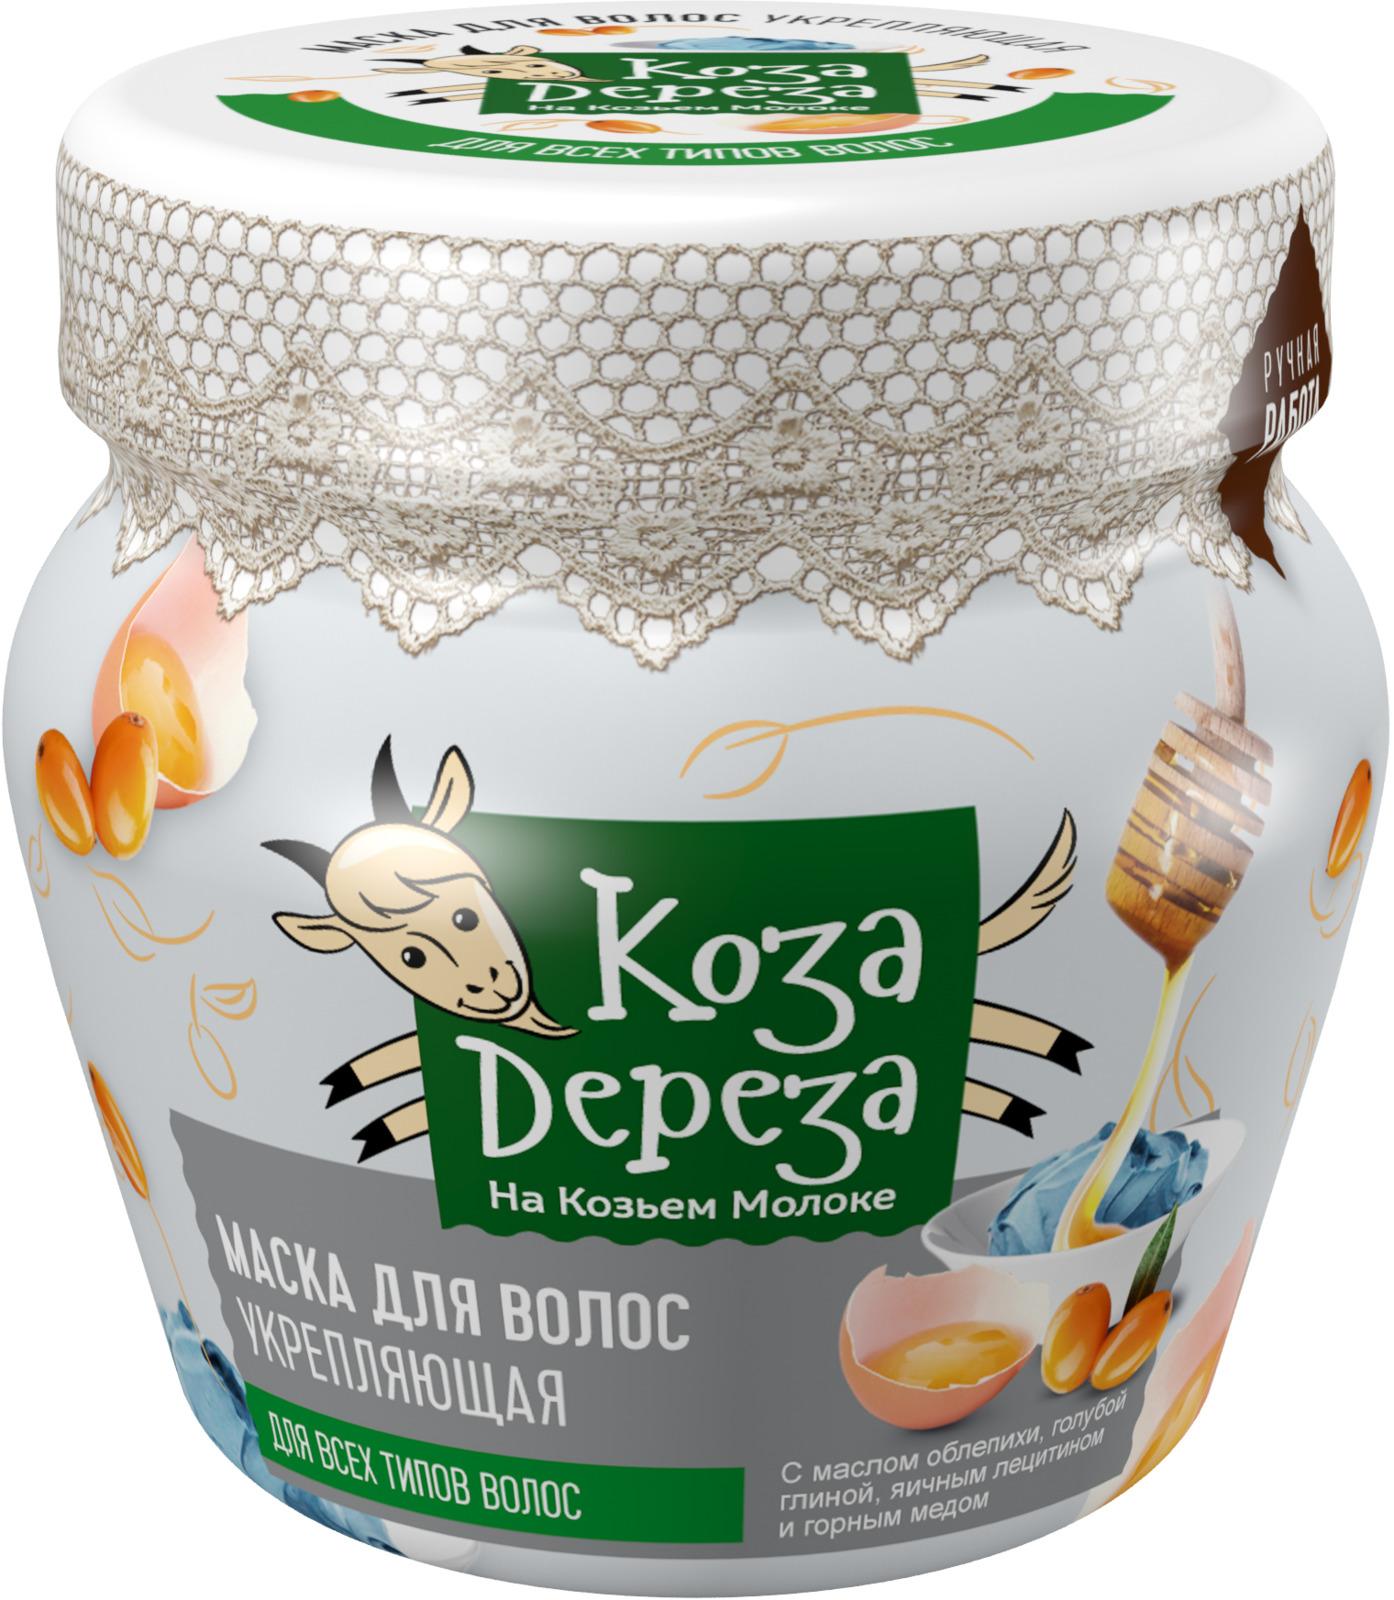 Маска для волос Fito Косметик Коза Дереза. Укрепляющая, 175 мл густое масло для волос fito косметик коза дереза крапивное увлажняющее 175 мл